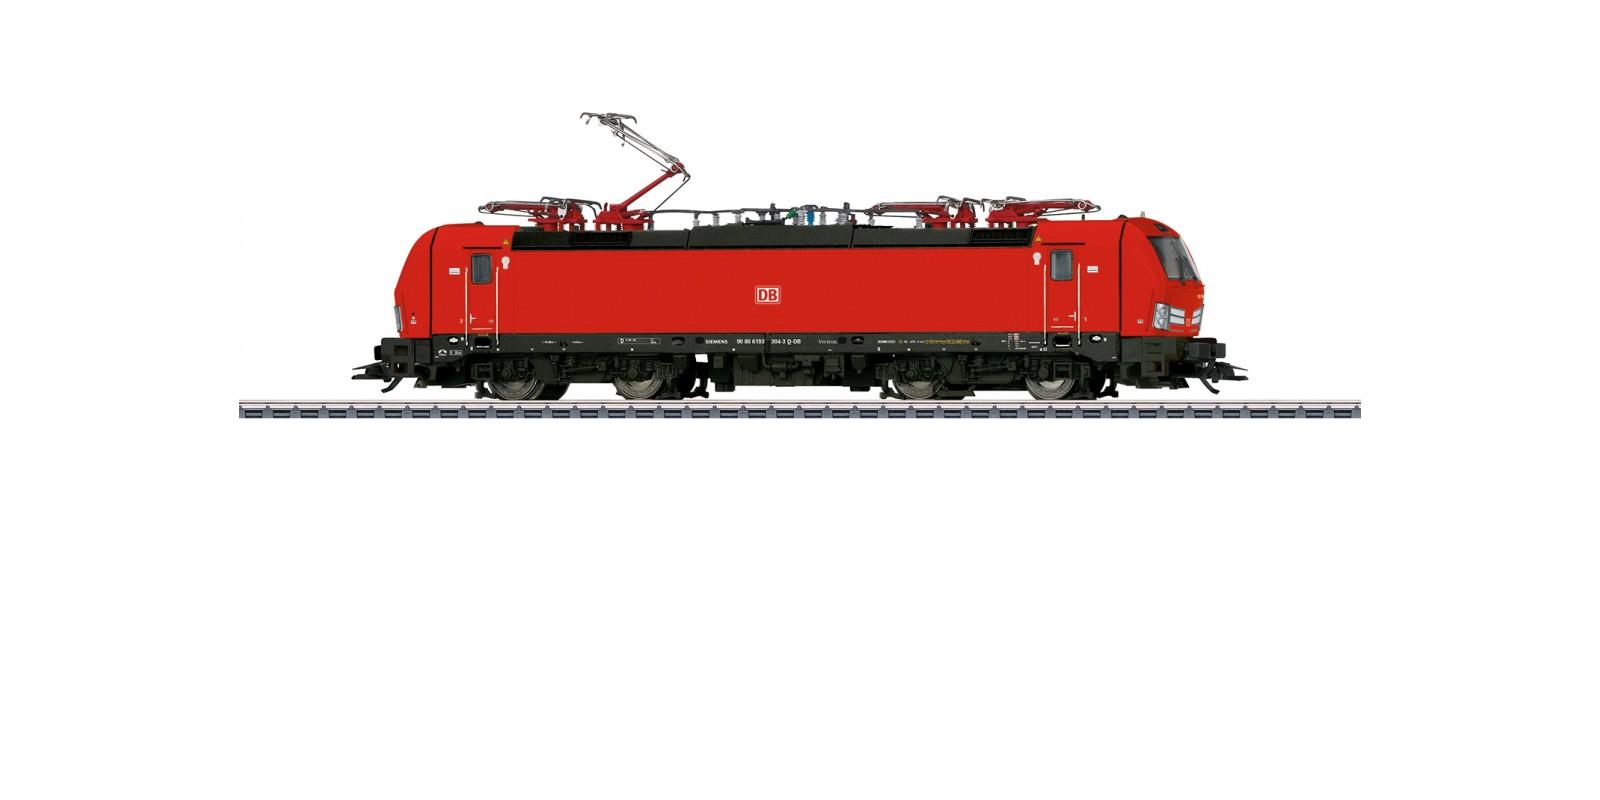 36181 Class 193 Electric Locomotive